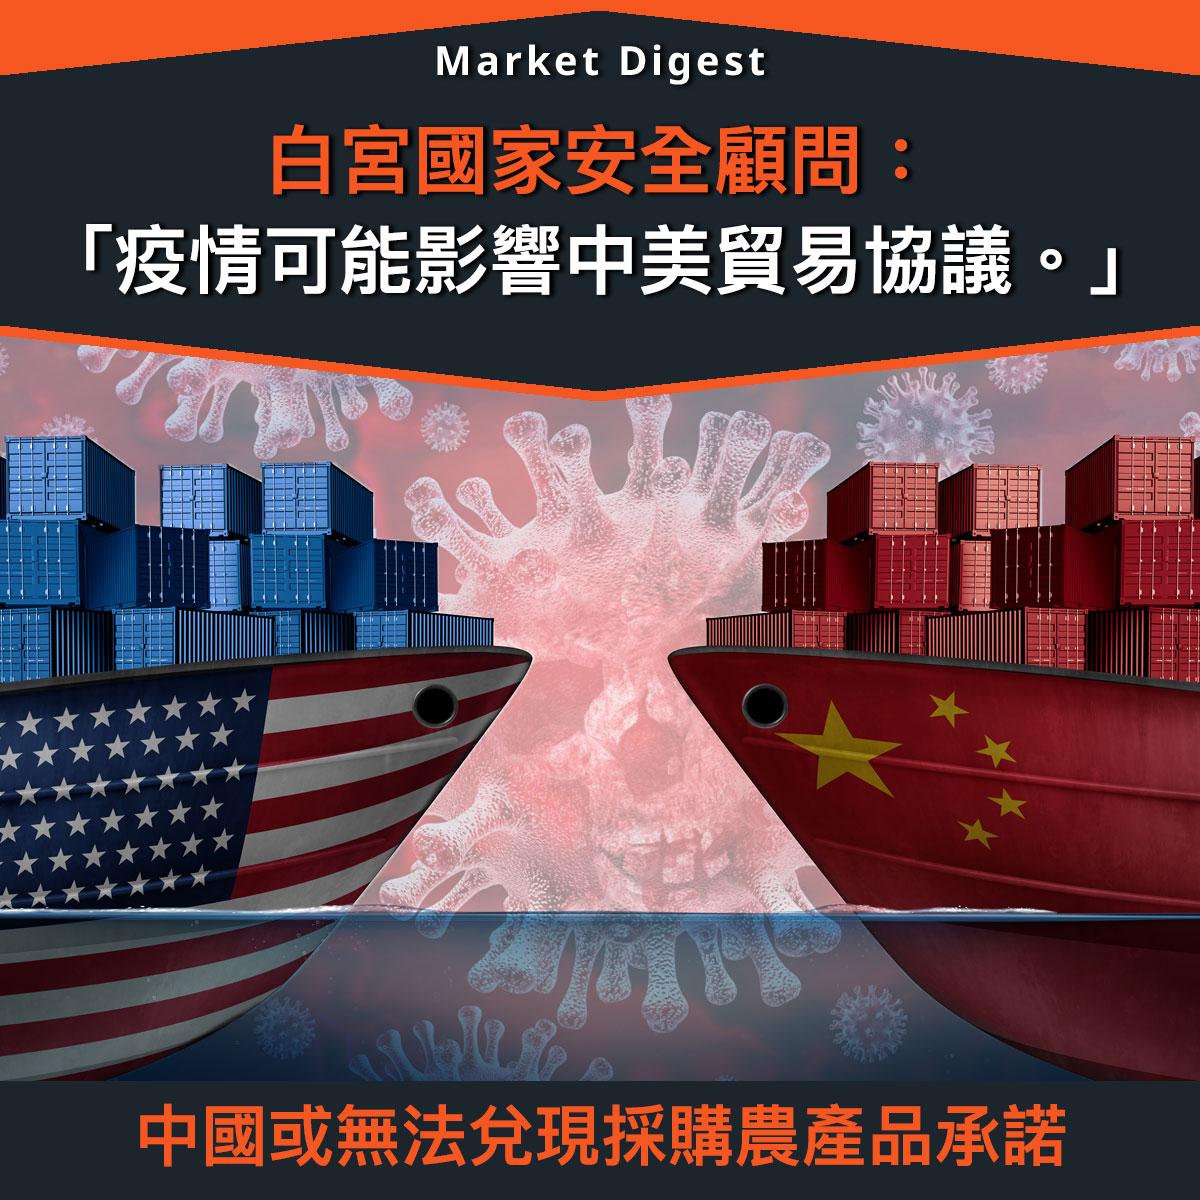 【中美貿易戰】白宮國家安全顧問:「疫情可能影響中美貿易協議。」